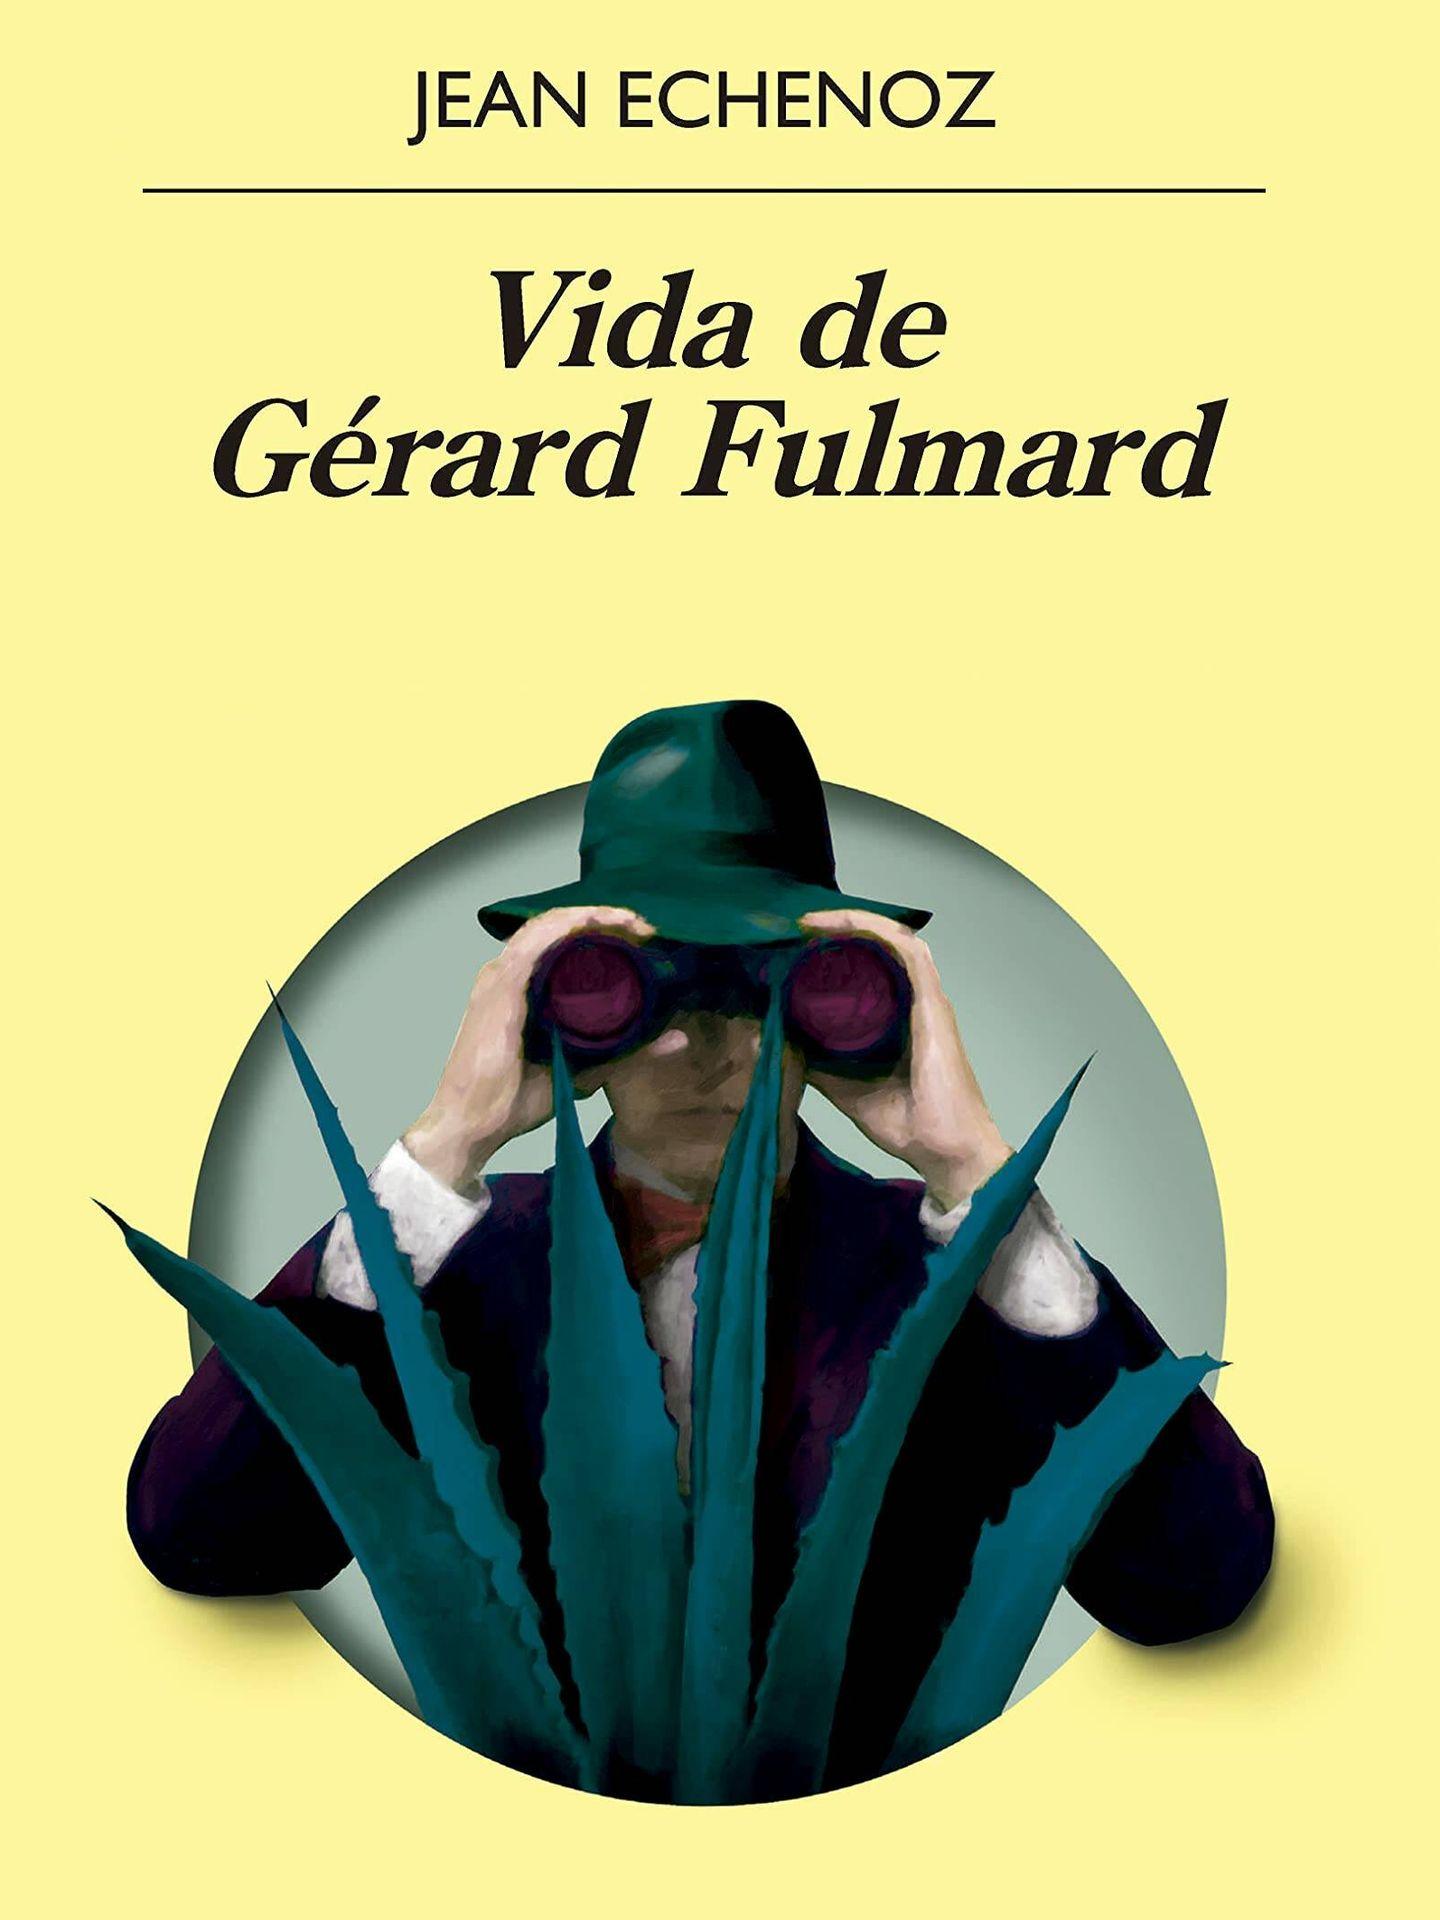 'Vida de Gerard Fulmard'